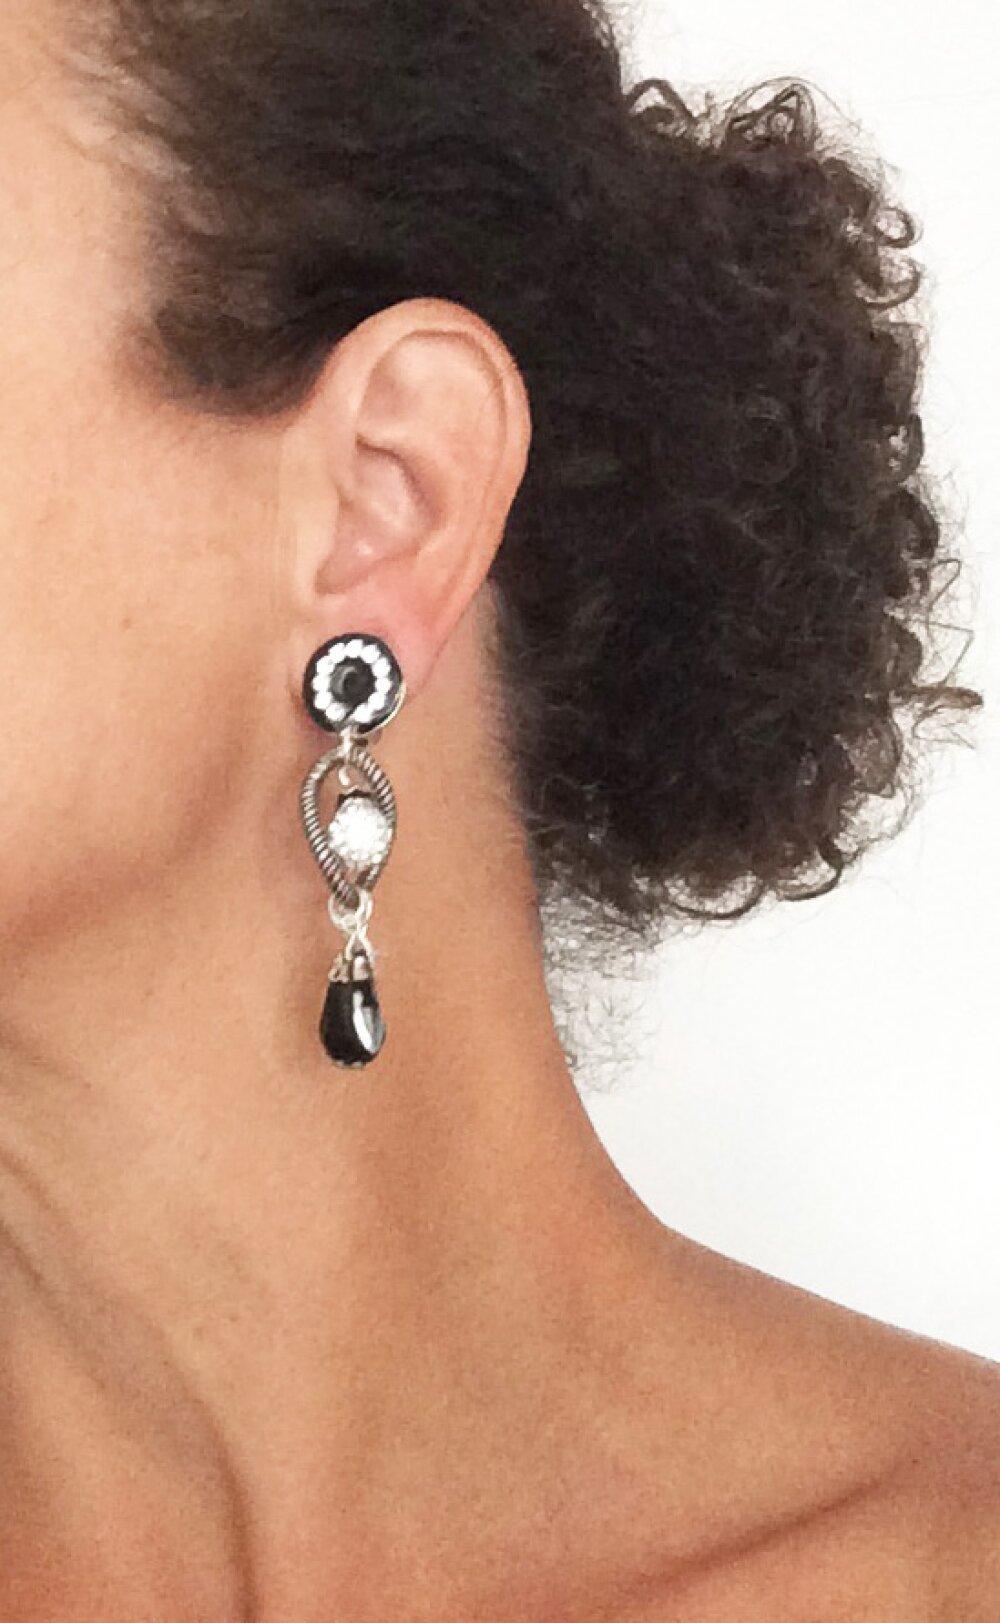 boucle d'oreille noir strass